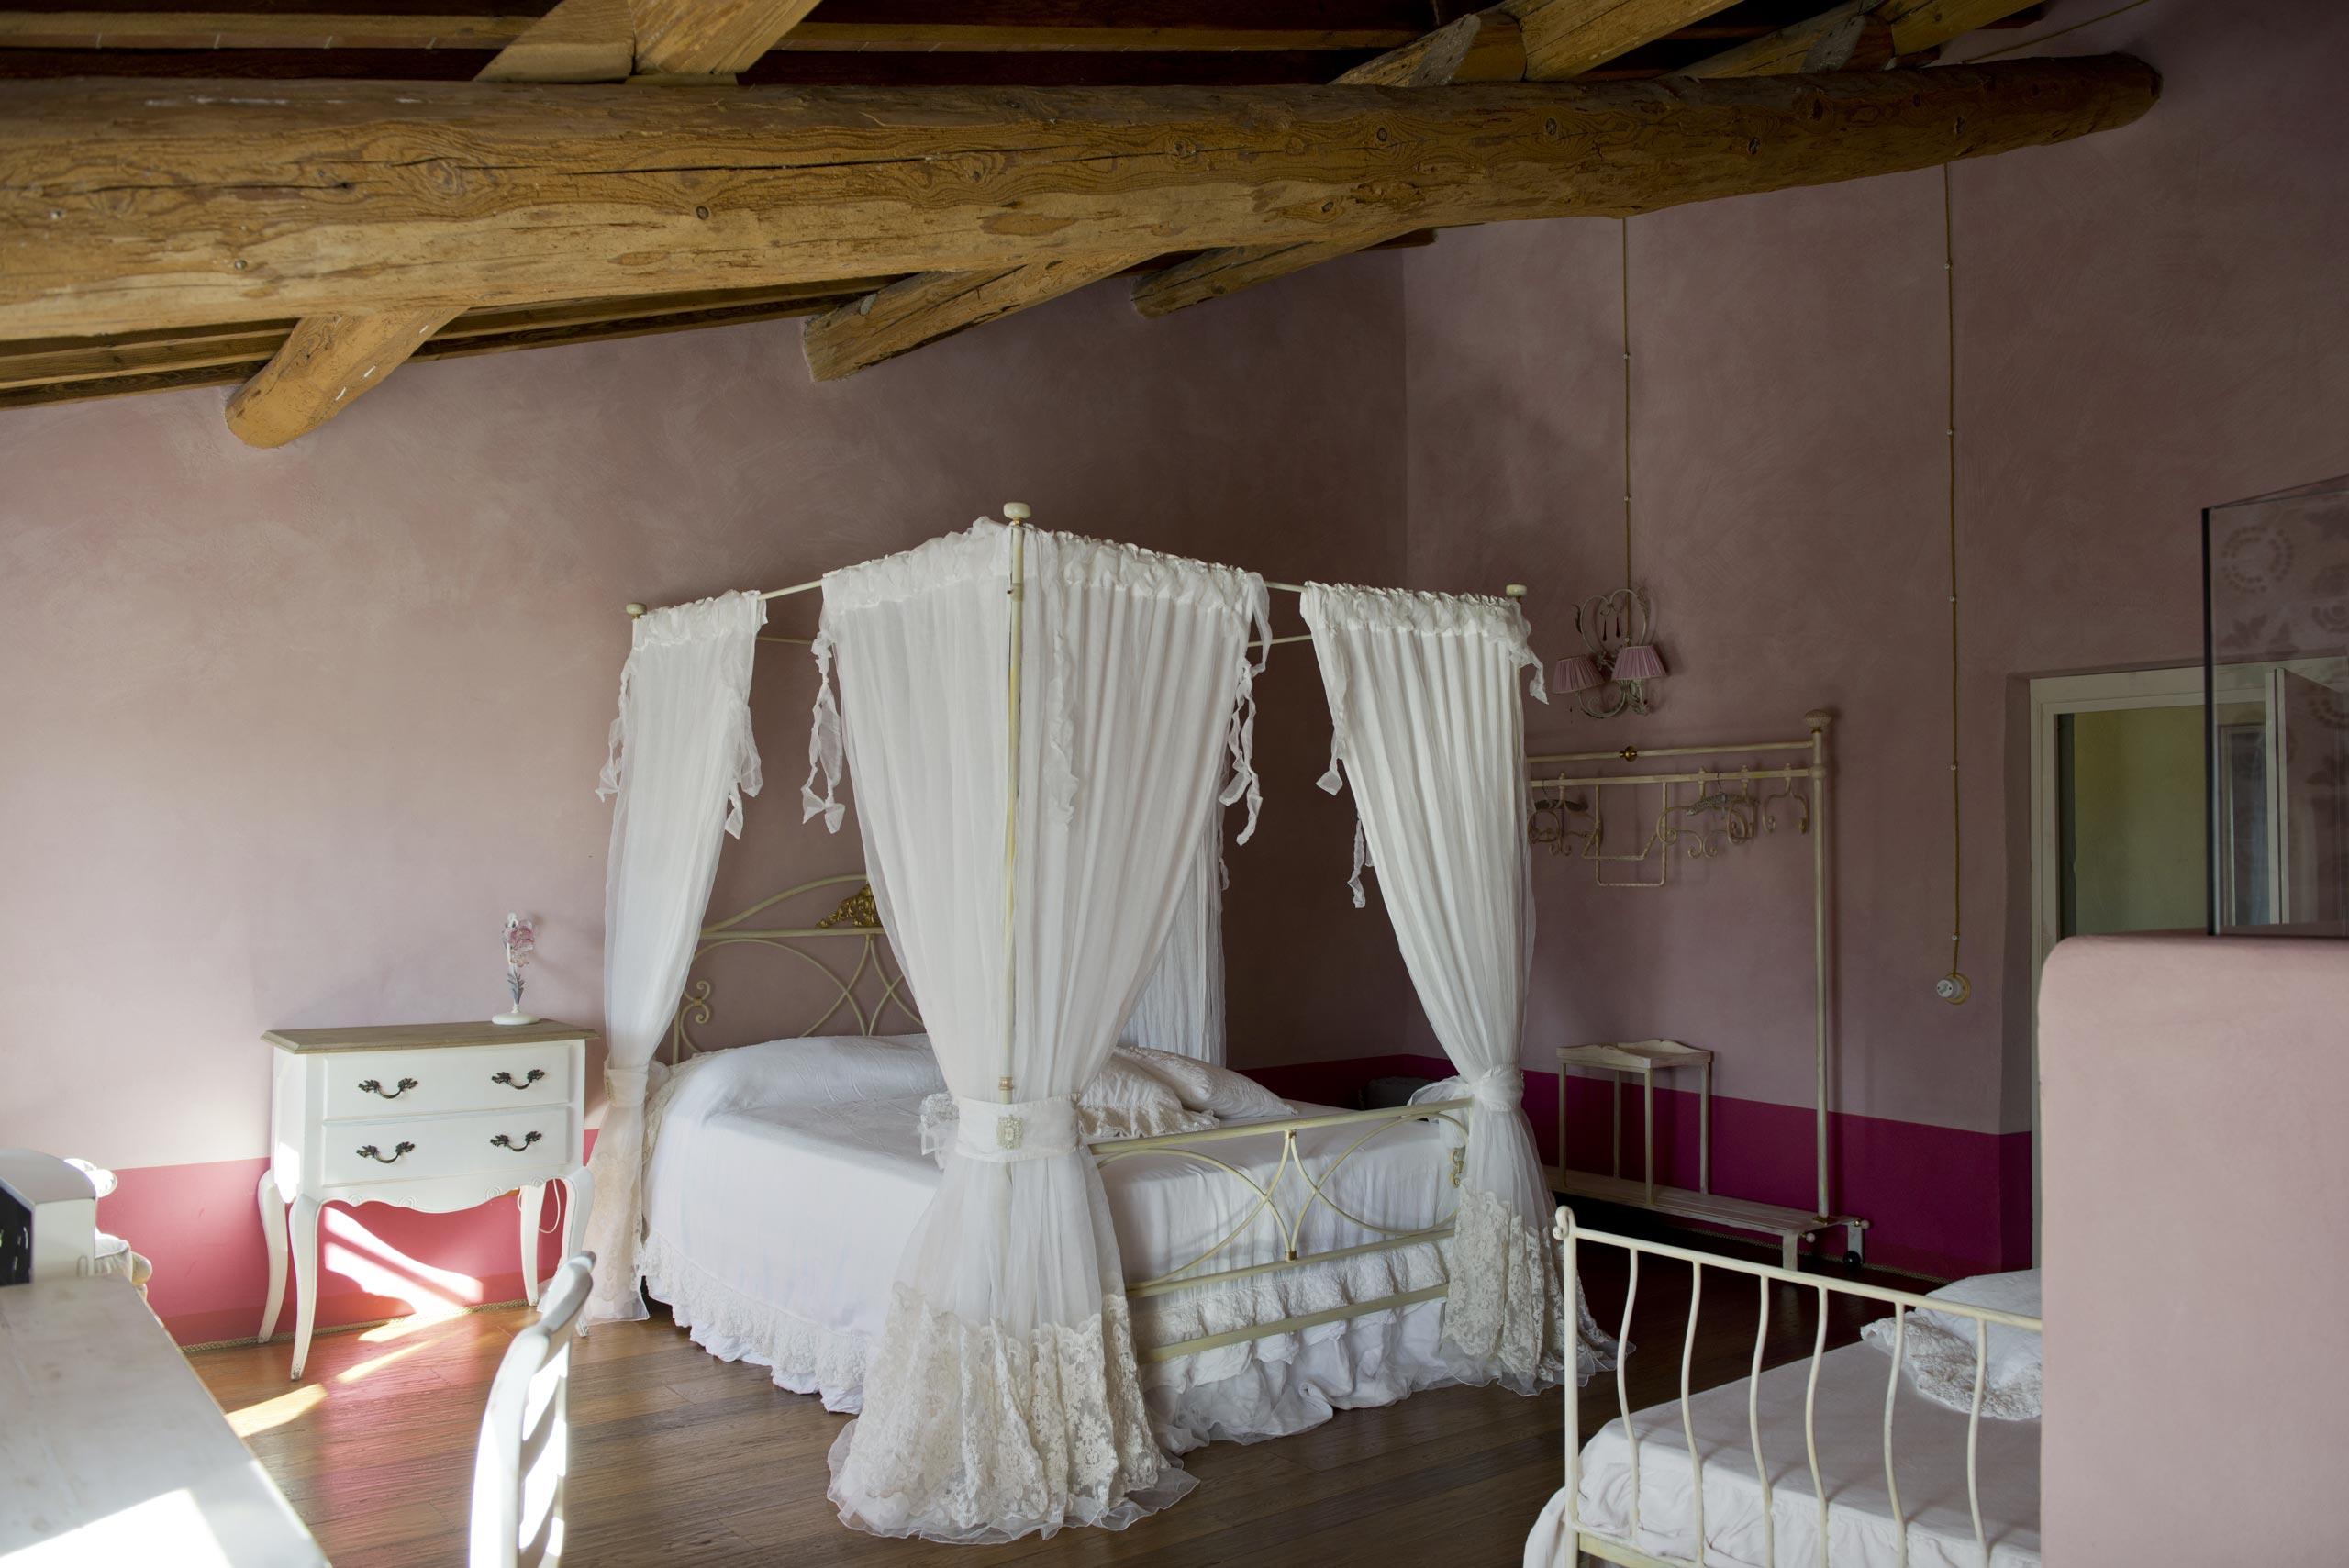 la-romantica-romantic-suite-tuscany